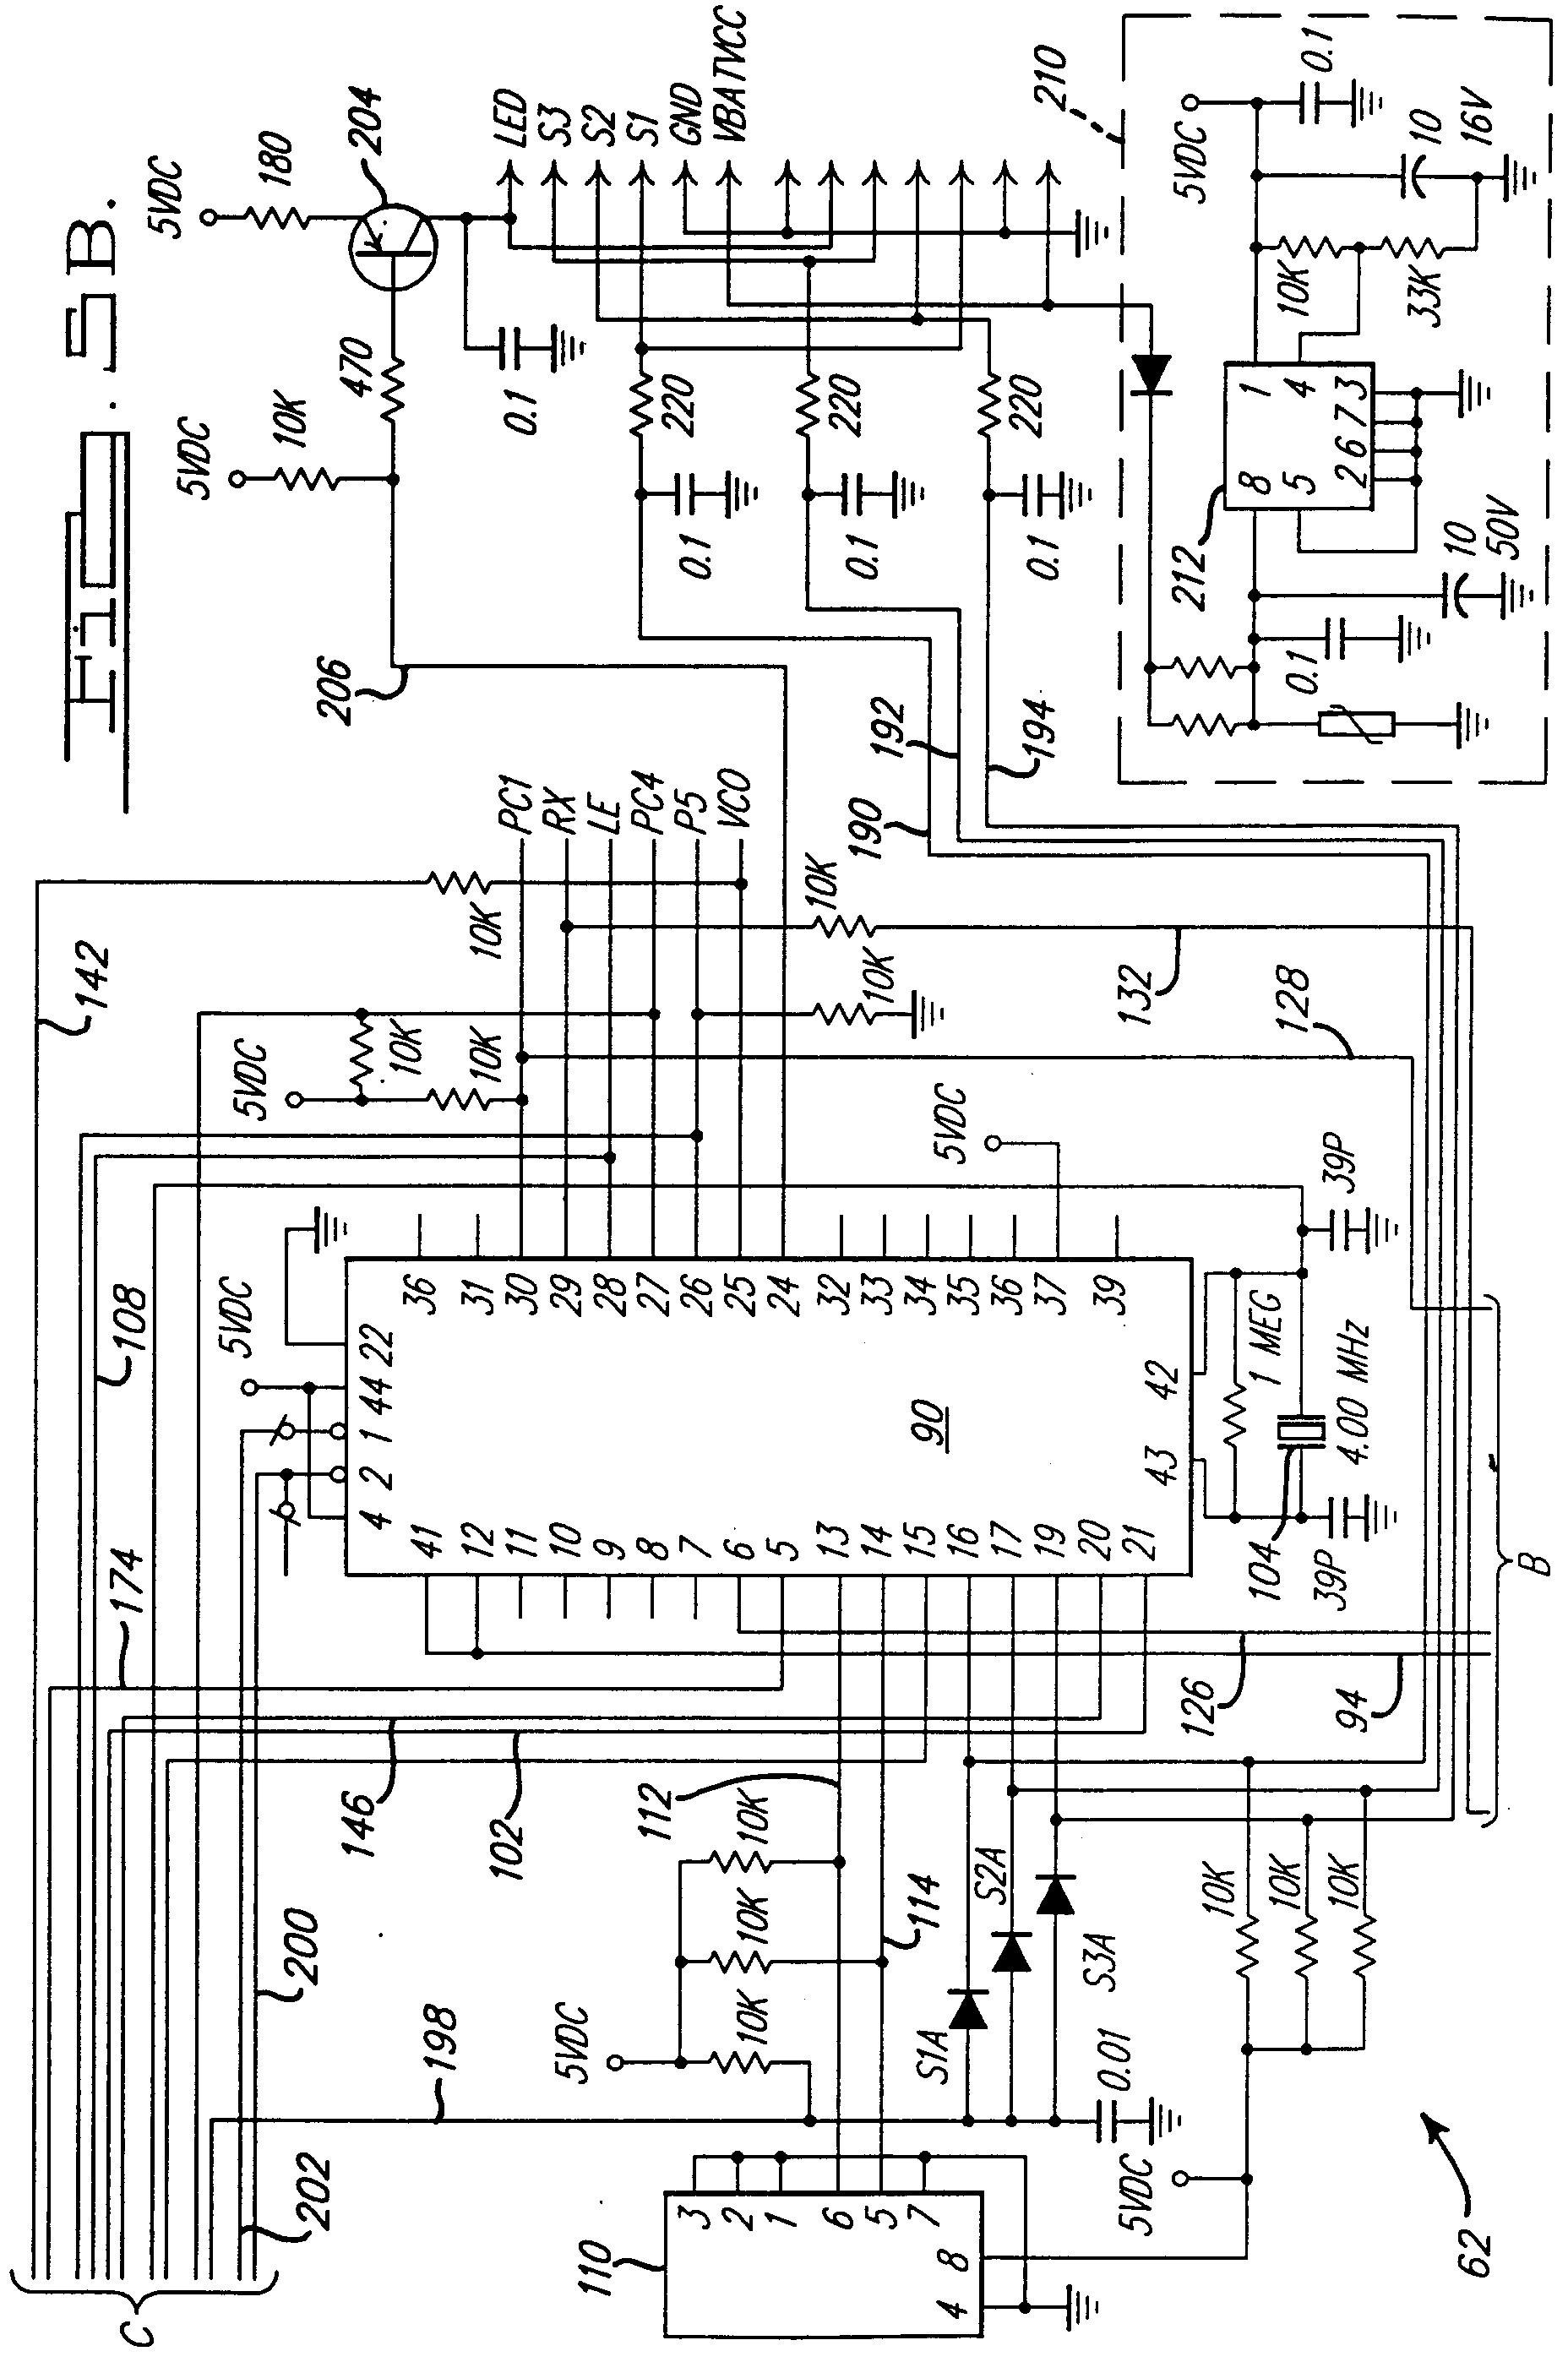 garage door sensor wiring diagram chamberlain garage door opener